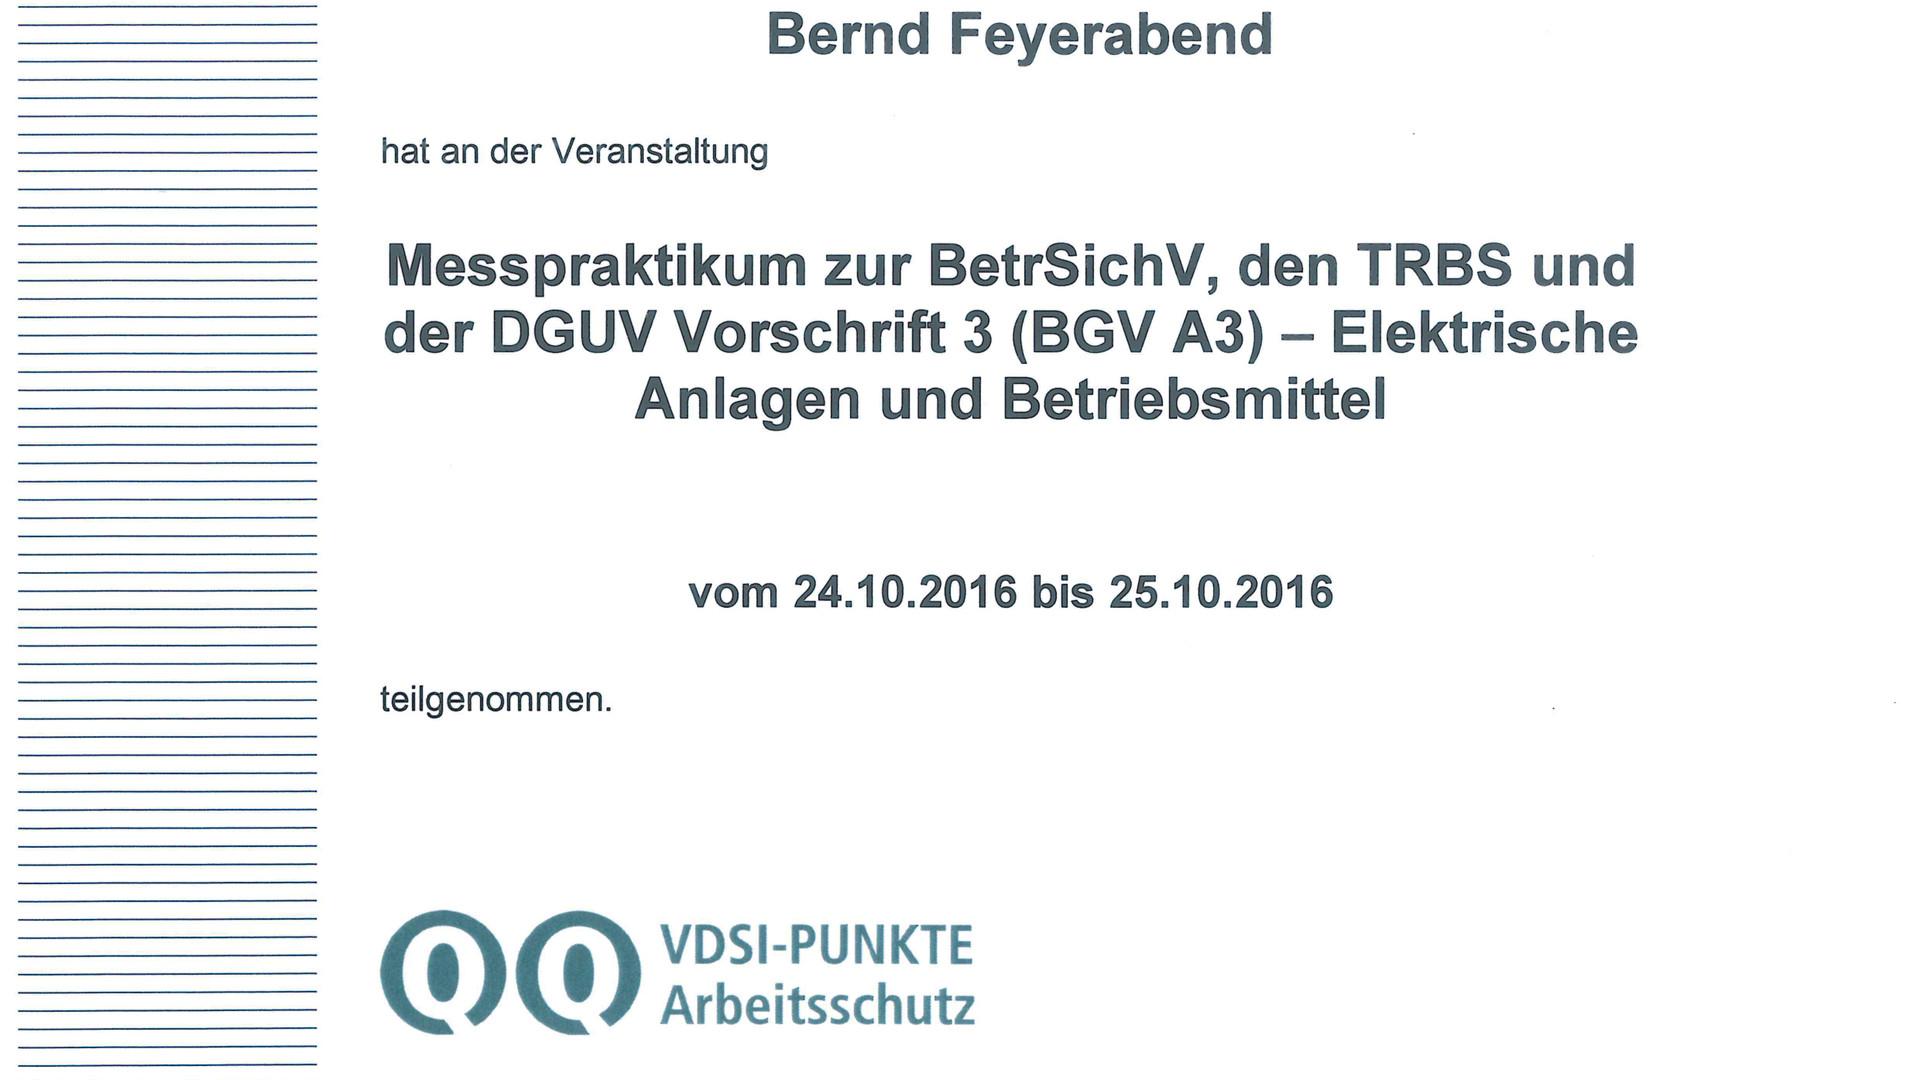 DGUV Elektrische Anlagen.jpg